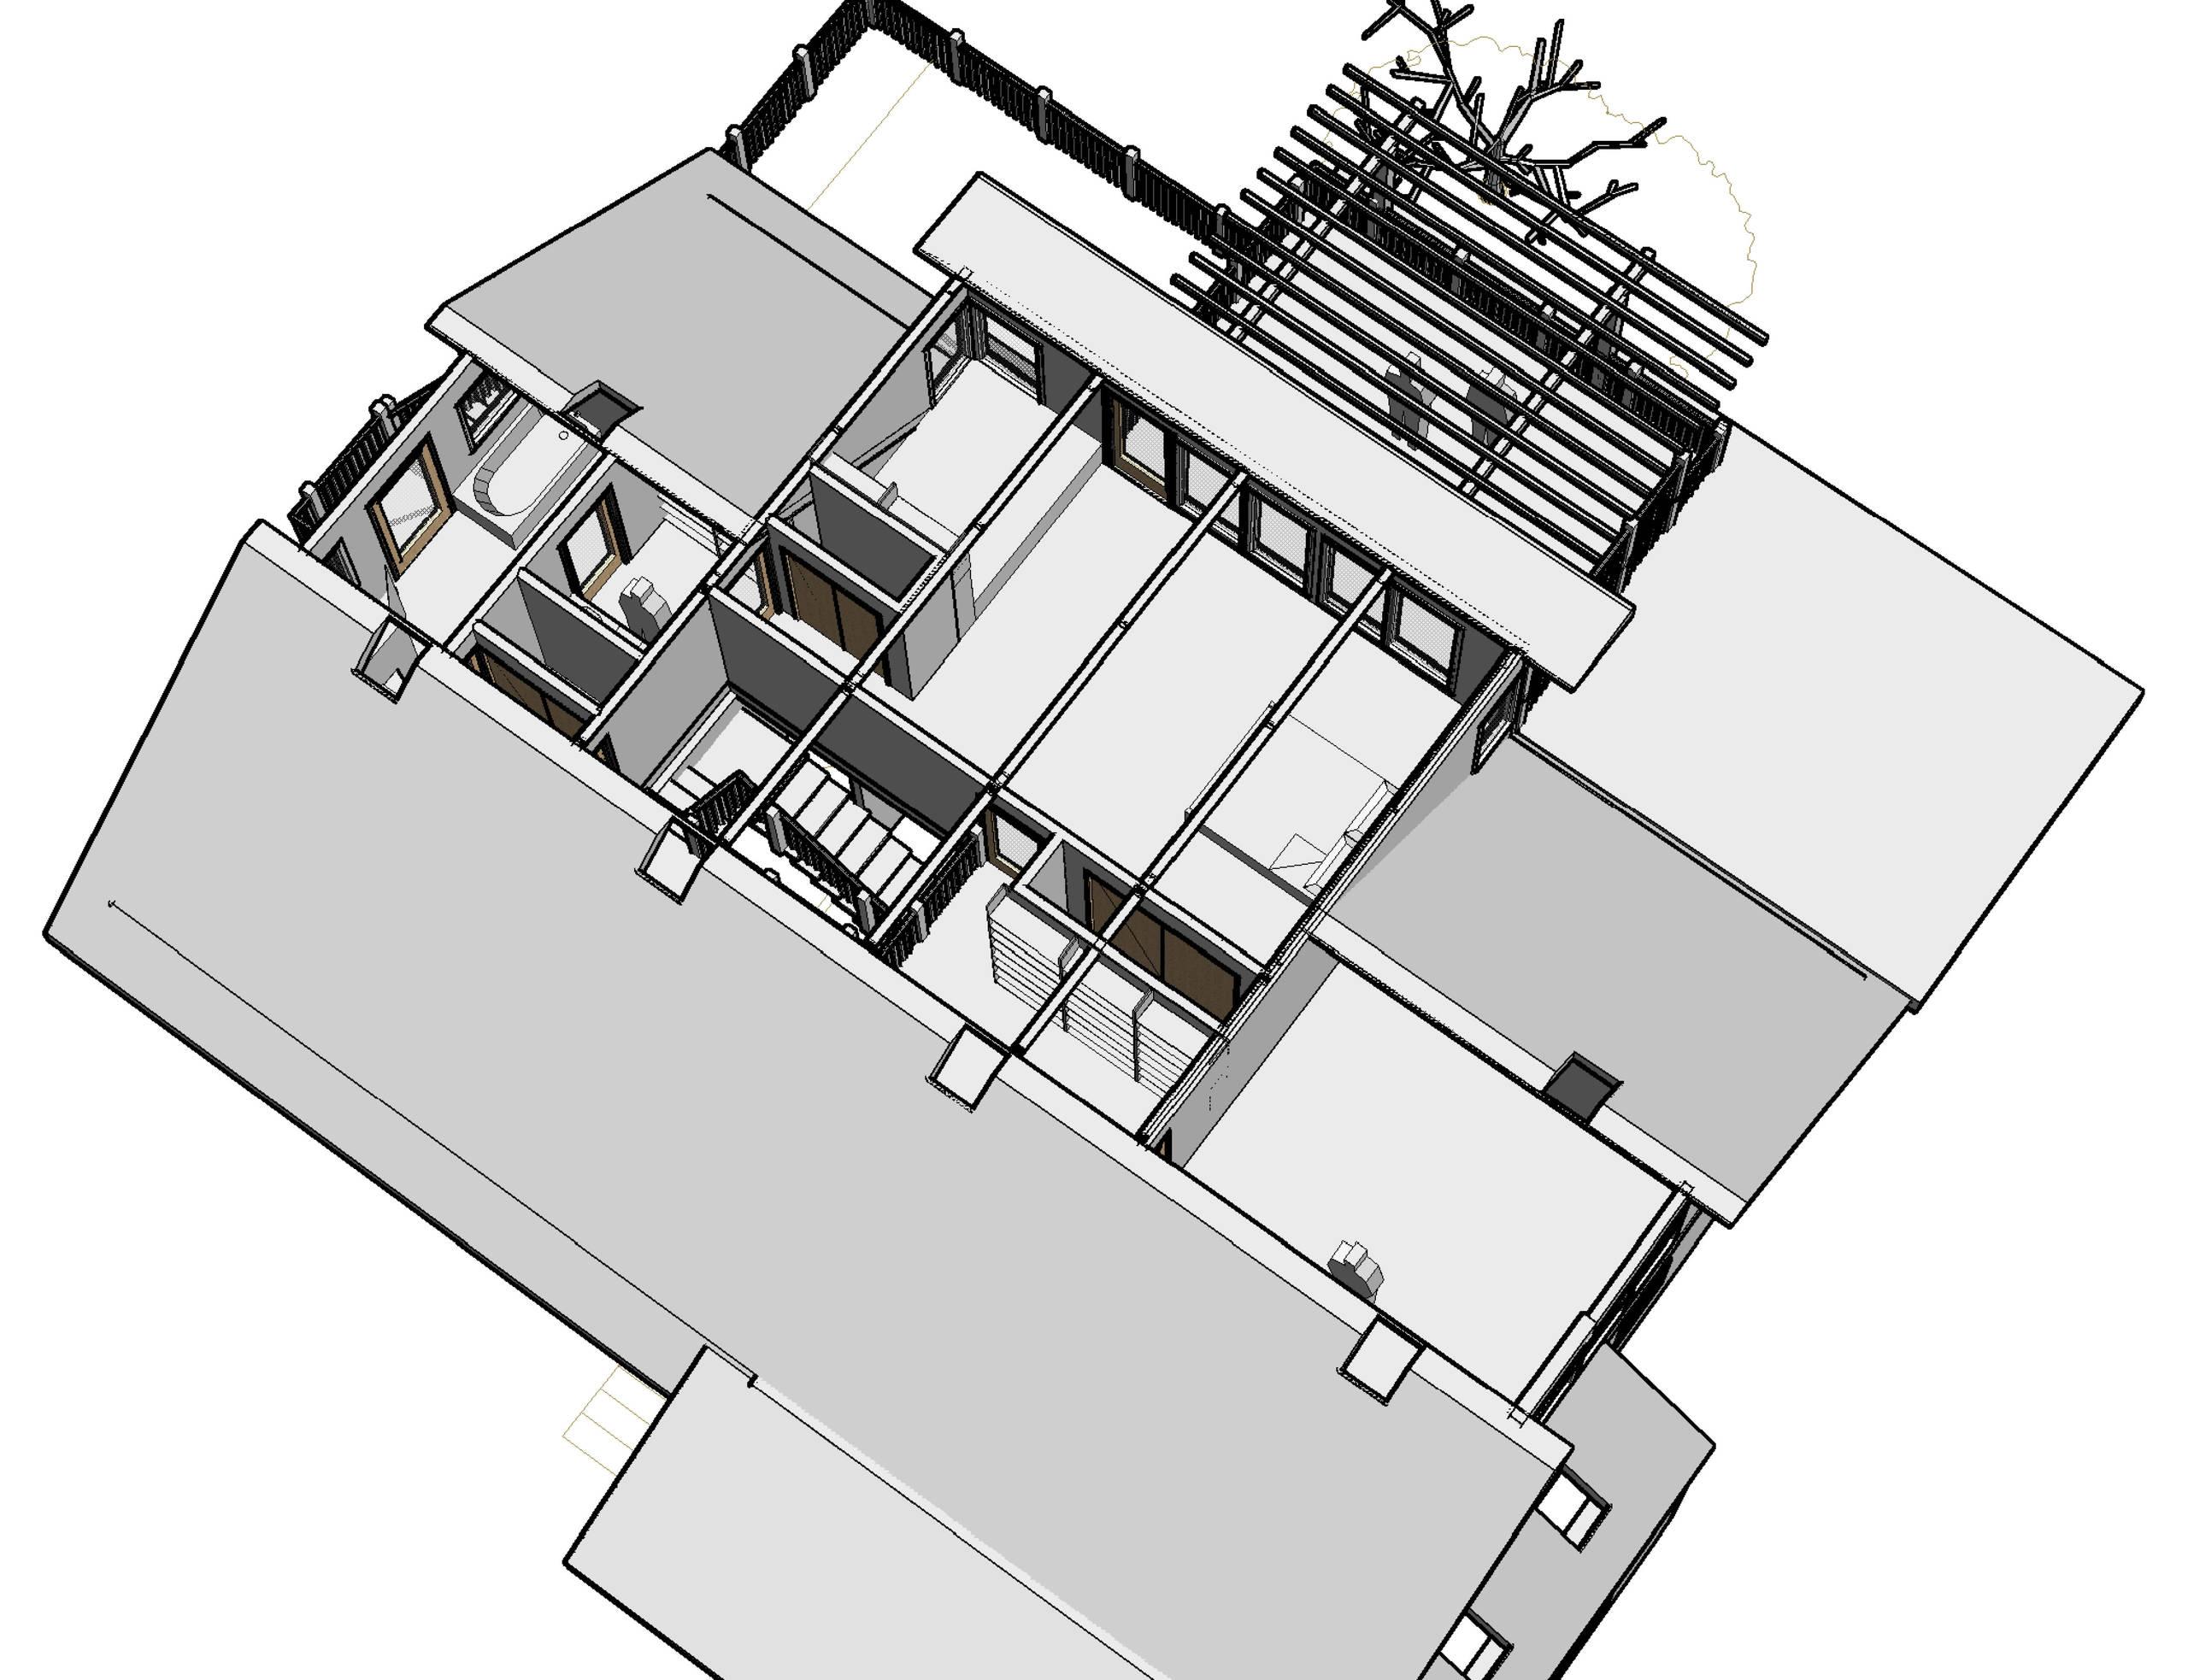 Birdseye View showing upper floor master suite